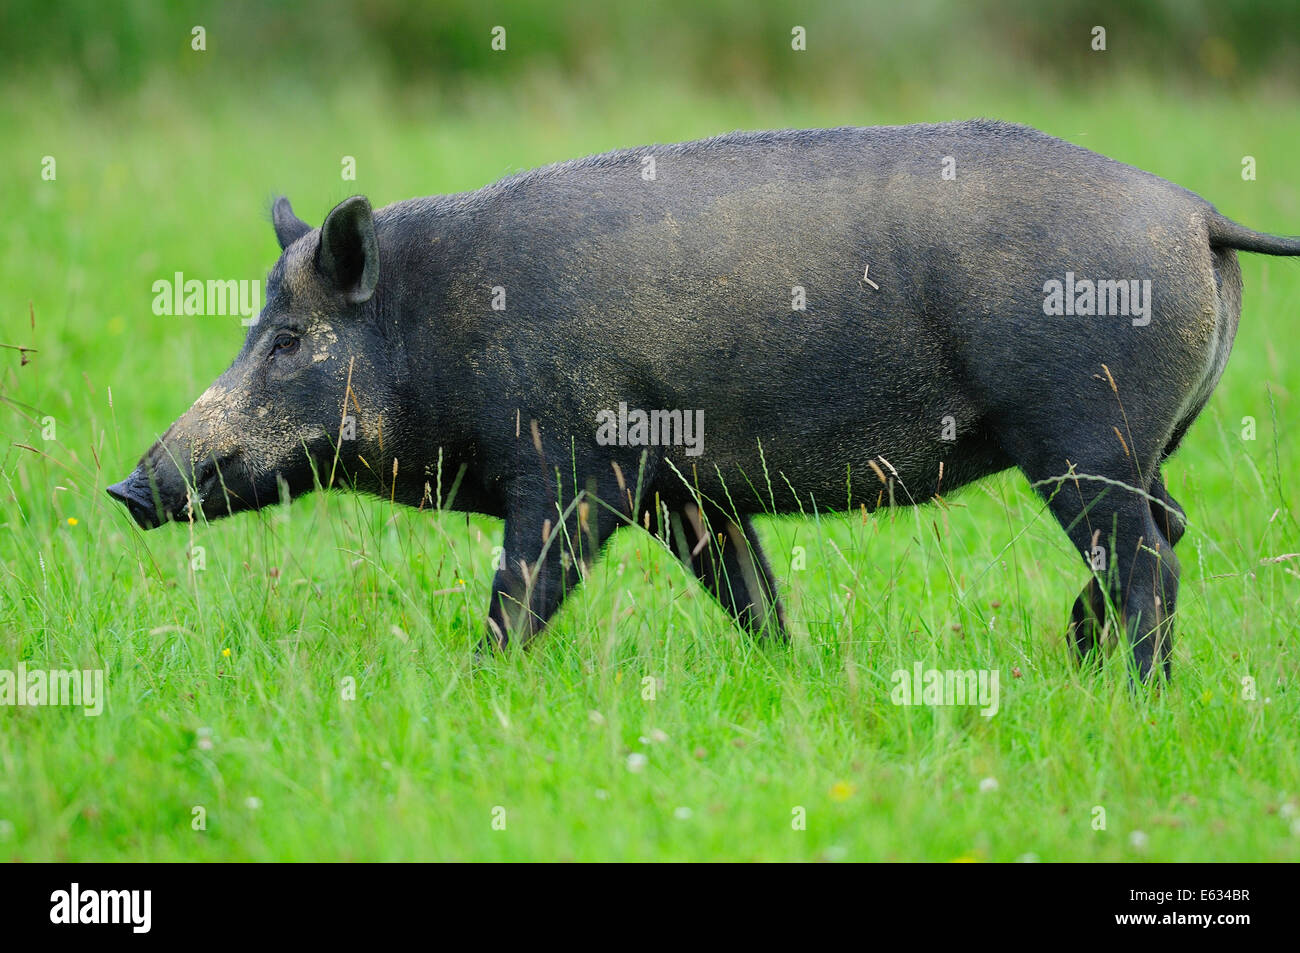 Female wild boar in field - Stock Image